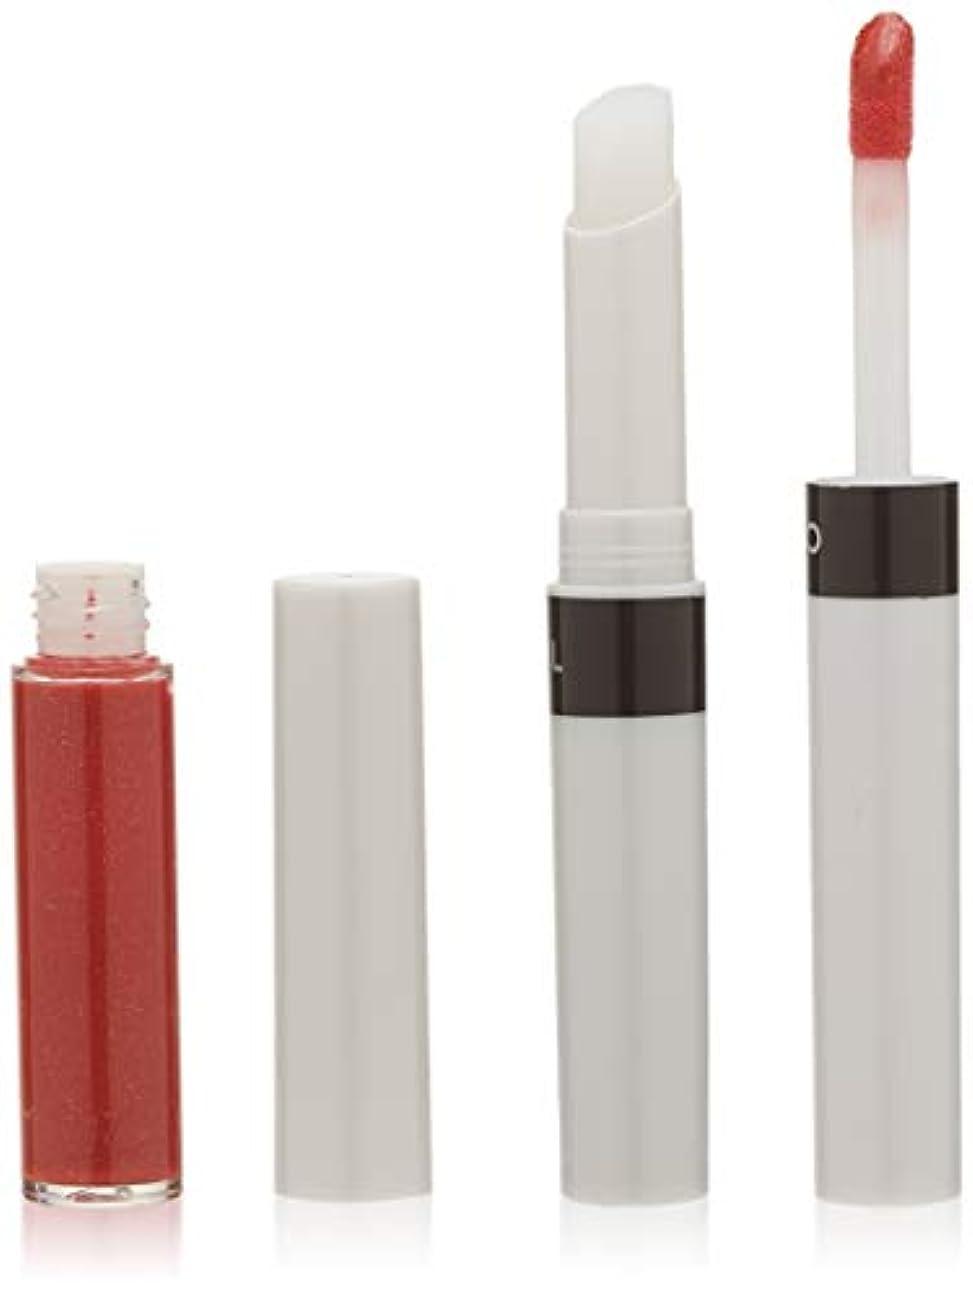 繰り返す基本的な育成COVERGIRL Outlast All-Day Lip Color - Red Hot 517 (並行輸入品)